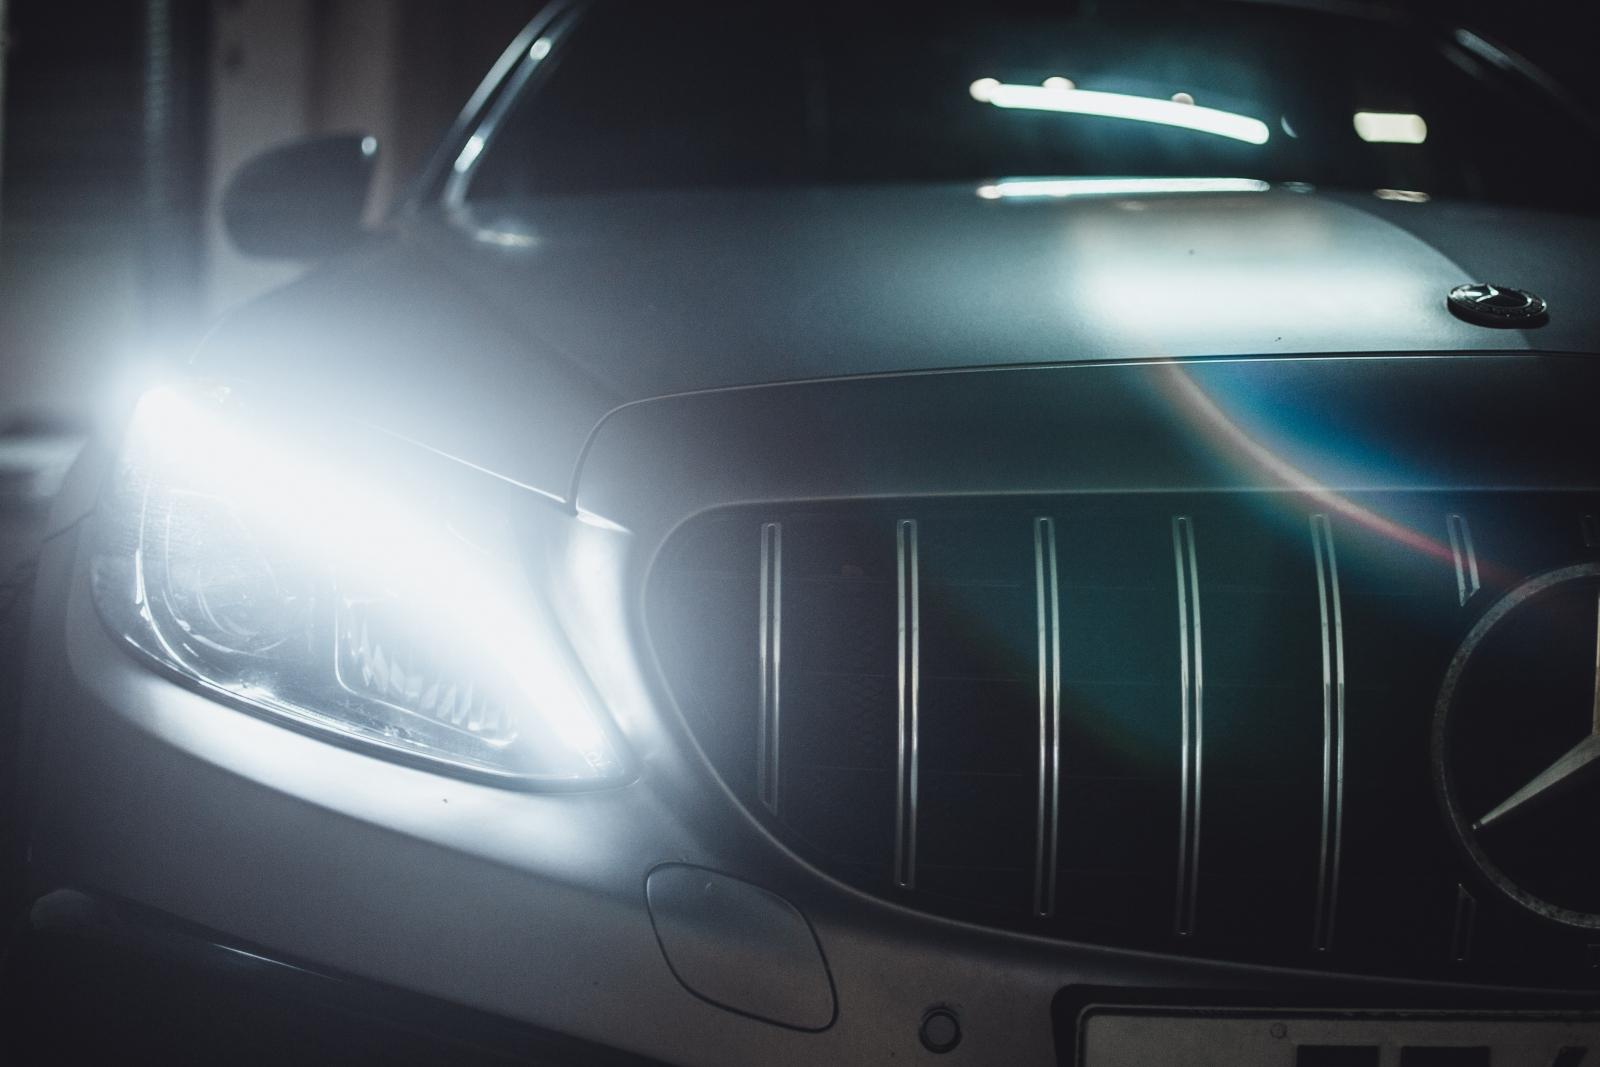 【汽車專知】行車禮儀知多少?「閃燈」、「喇吧」是什麼意思?